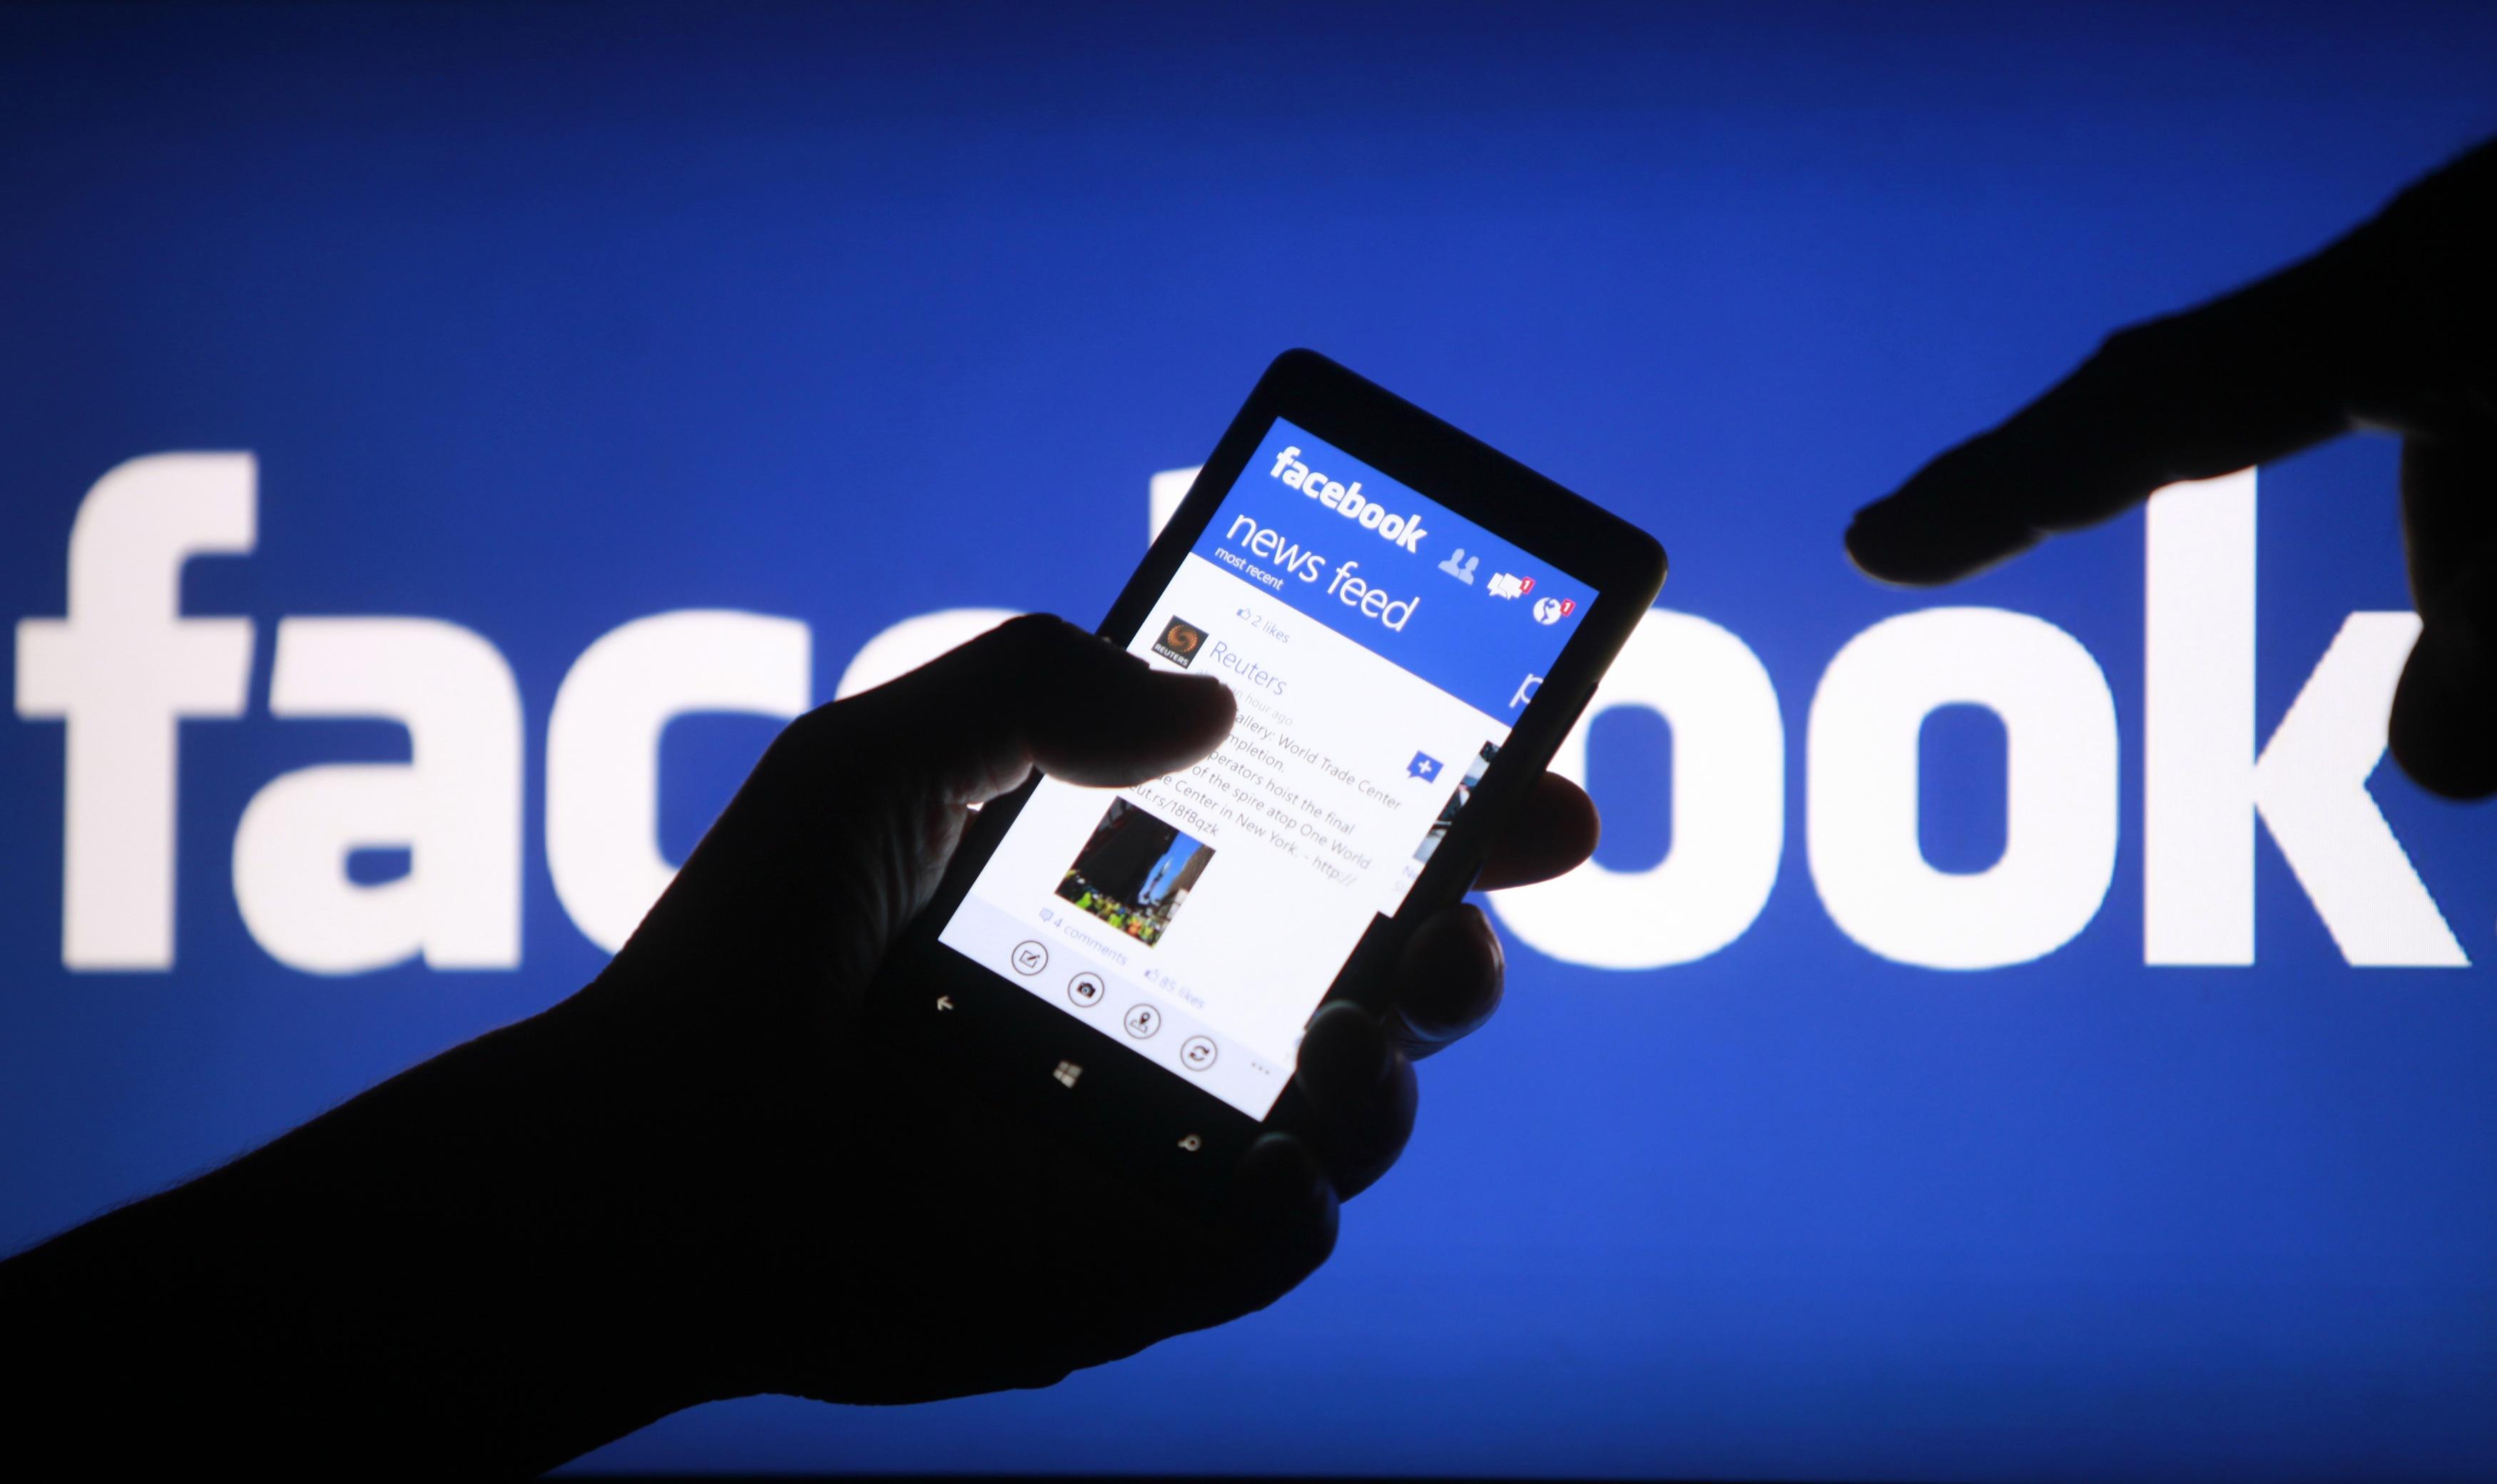 Facebook'un haber seçimini editörler yapıyormuş